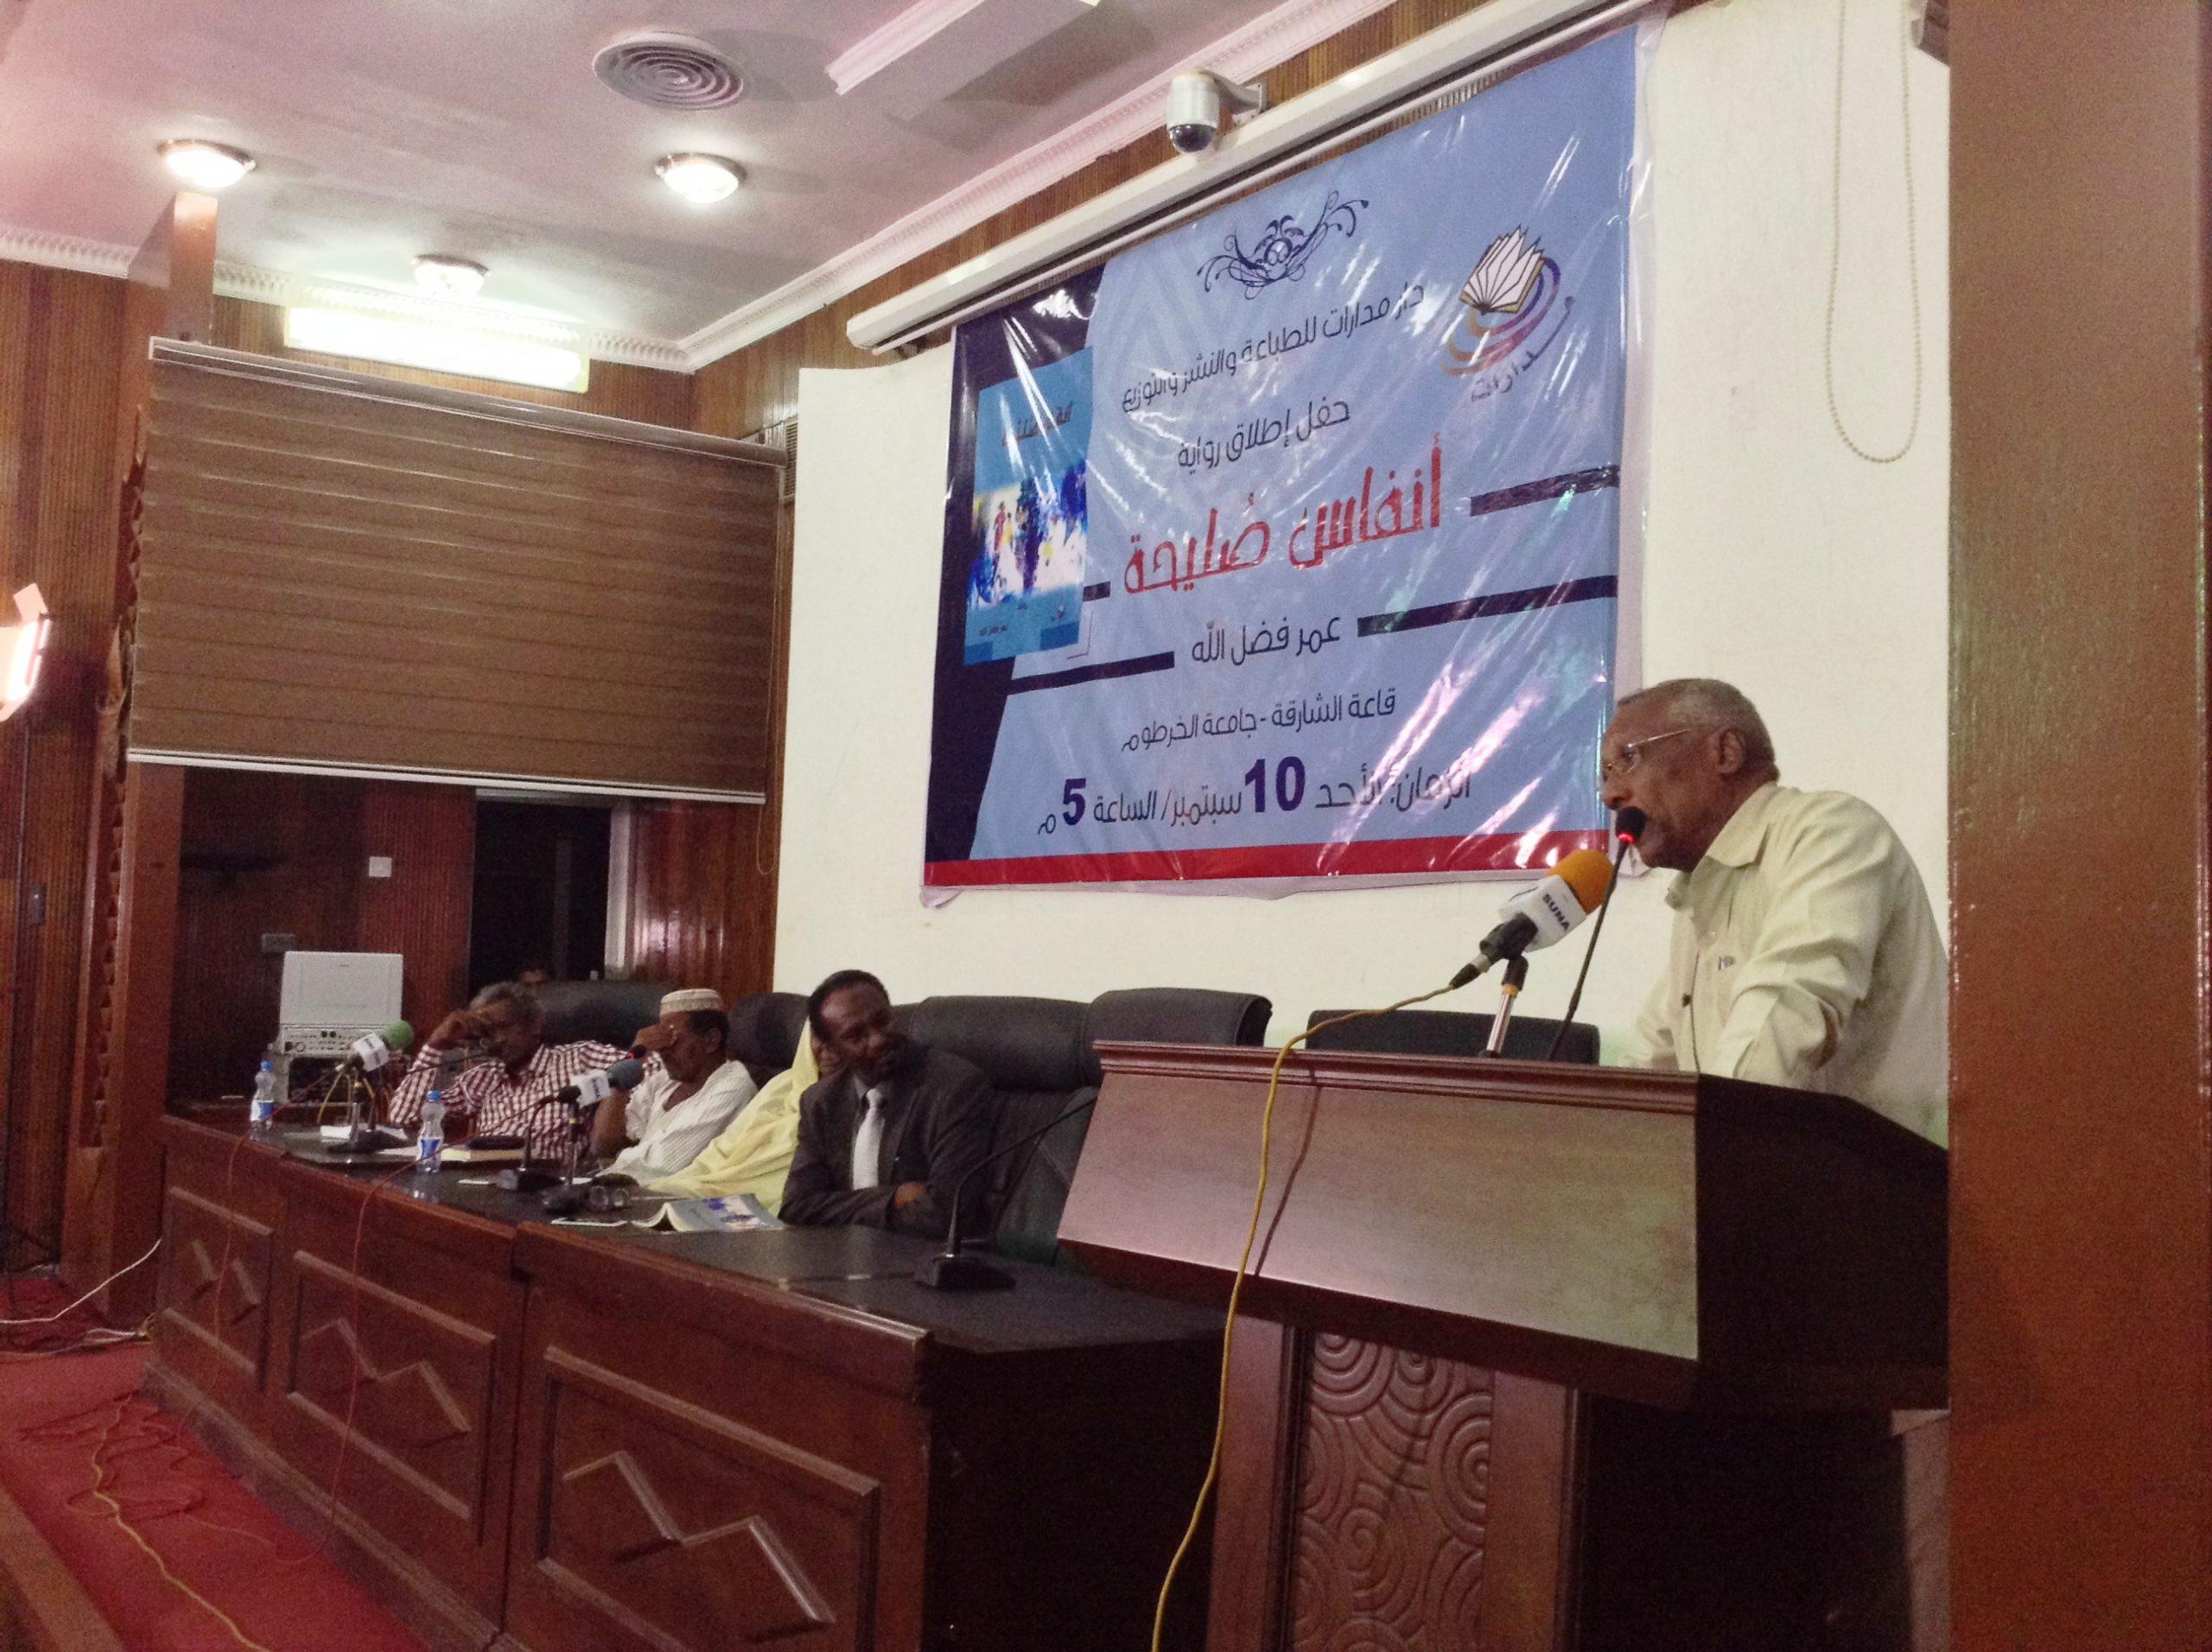 مشاركة السفير جمال محمد ابراهيم حول رواية أنفاس صليحة